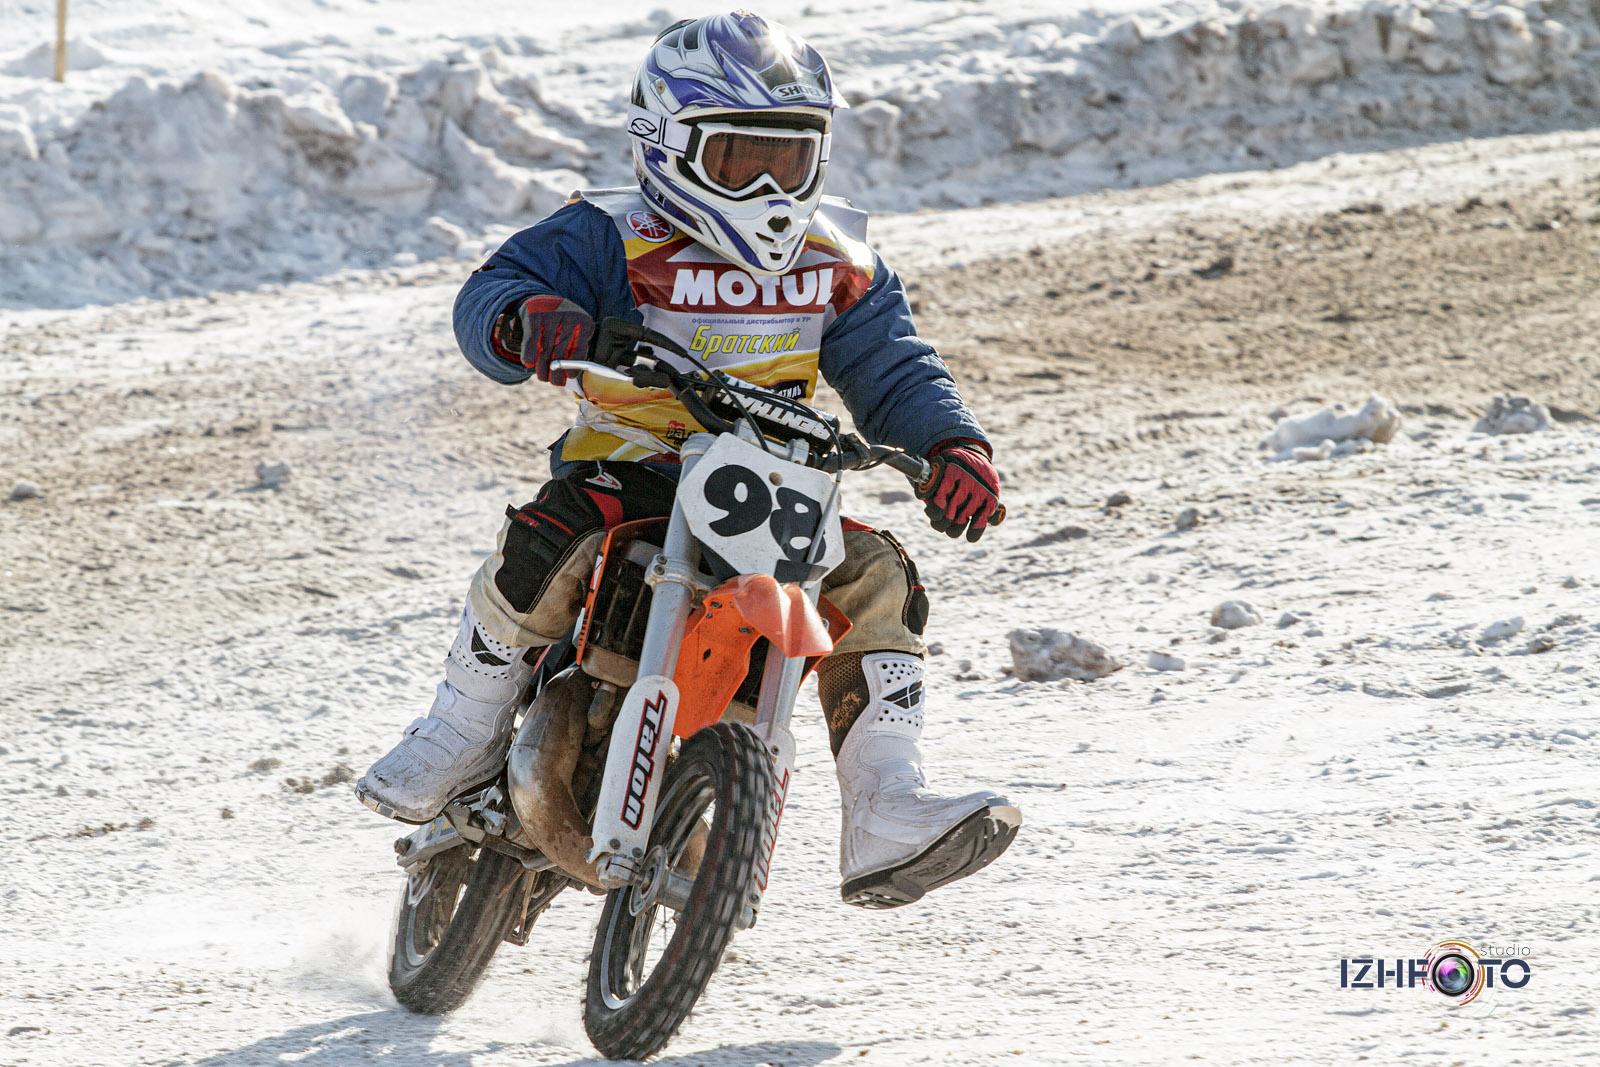 Фото с соревнований по зимнему мотокроссу